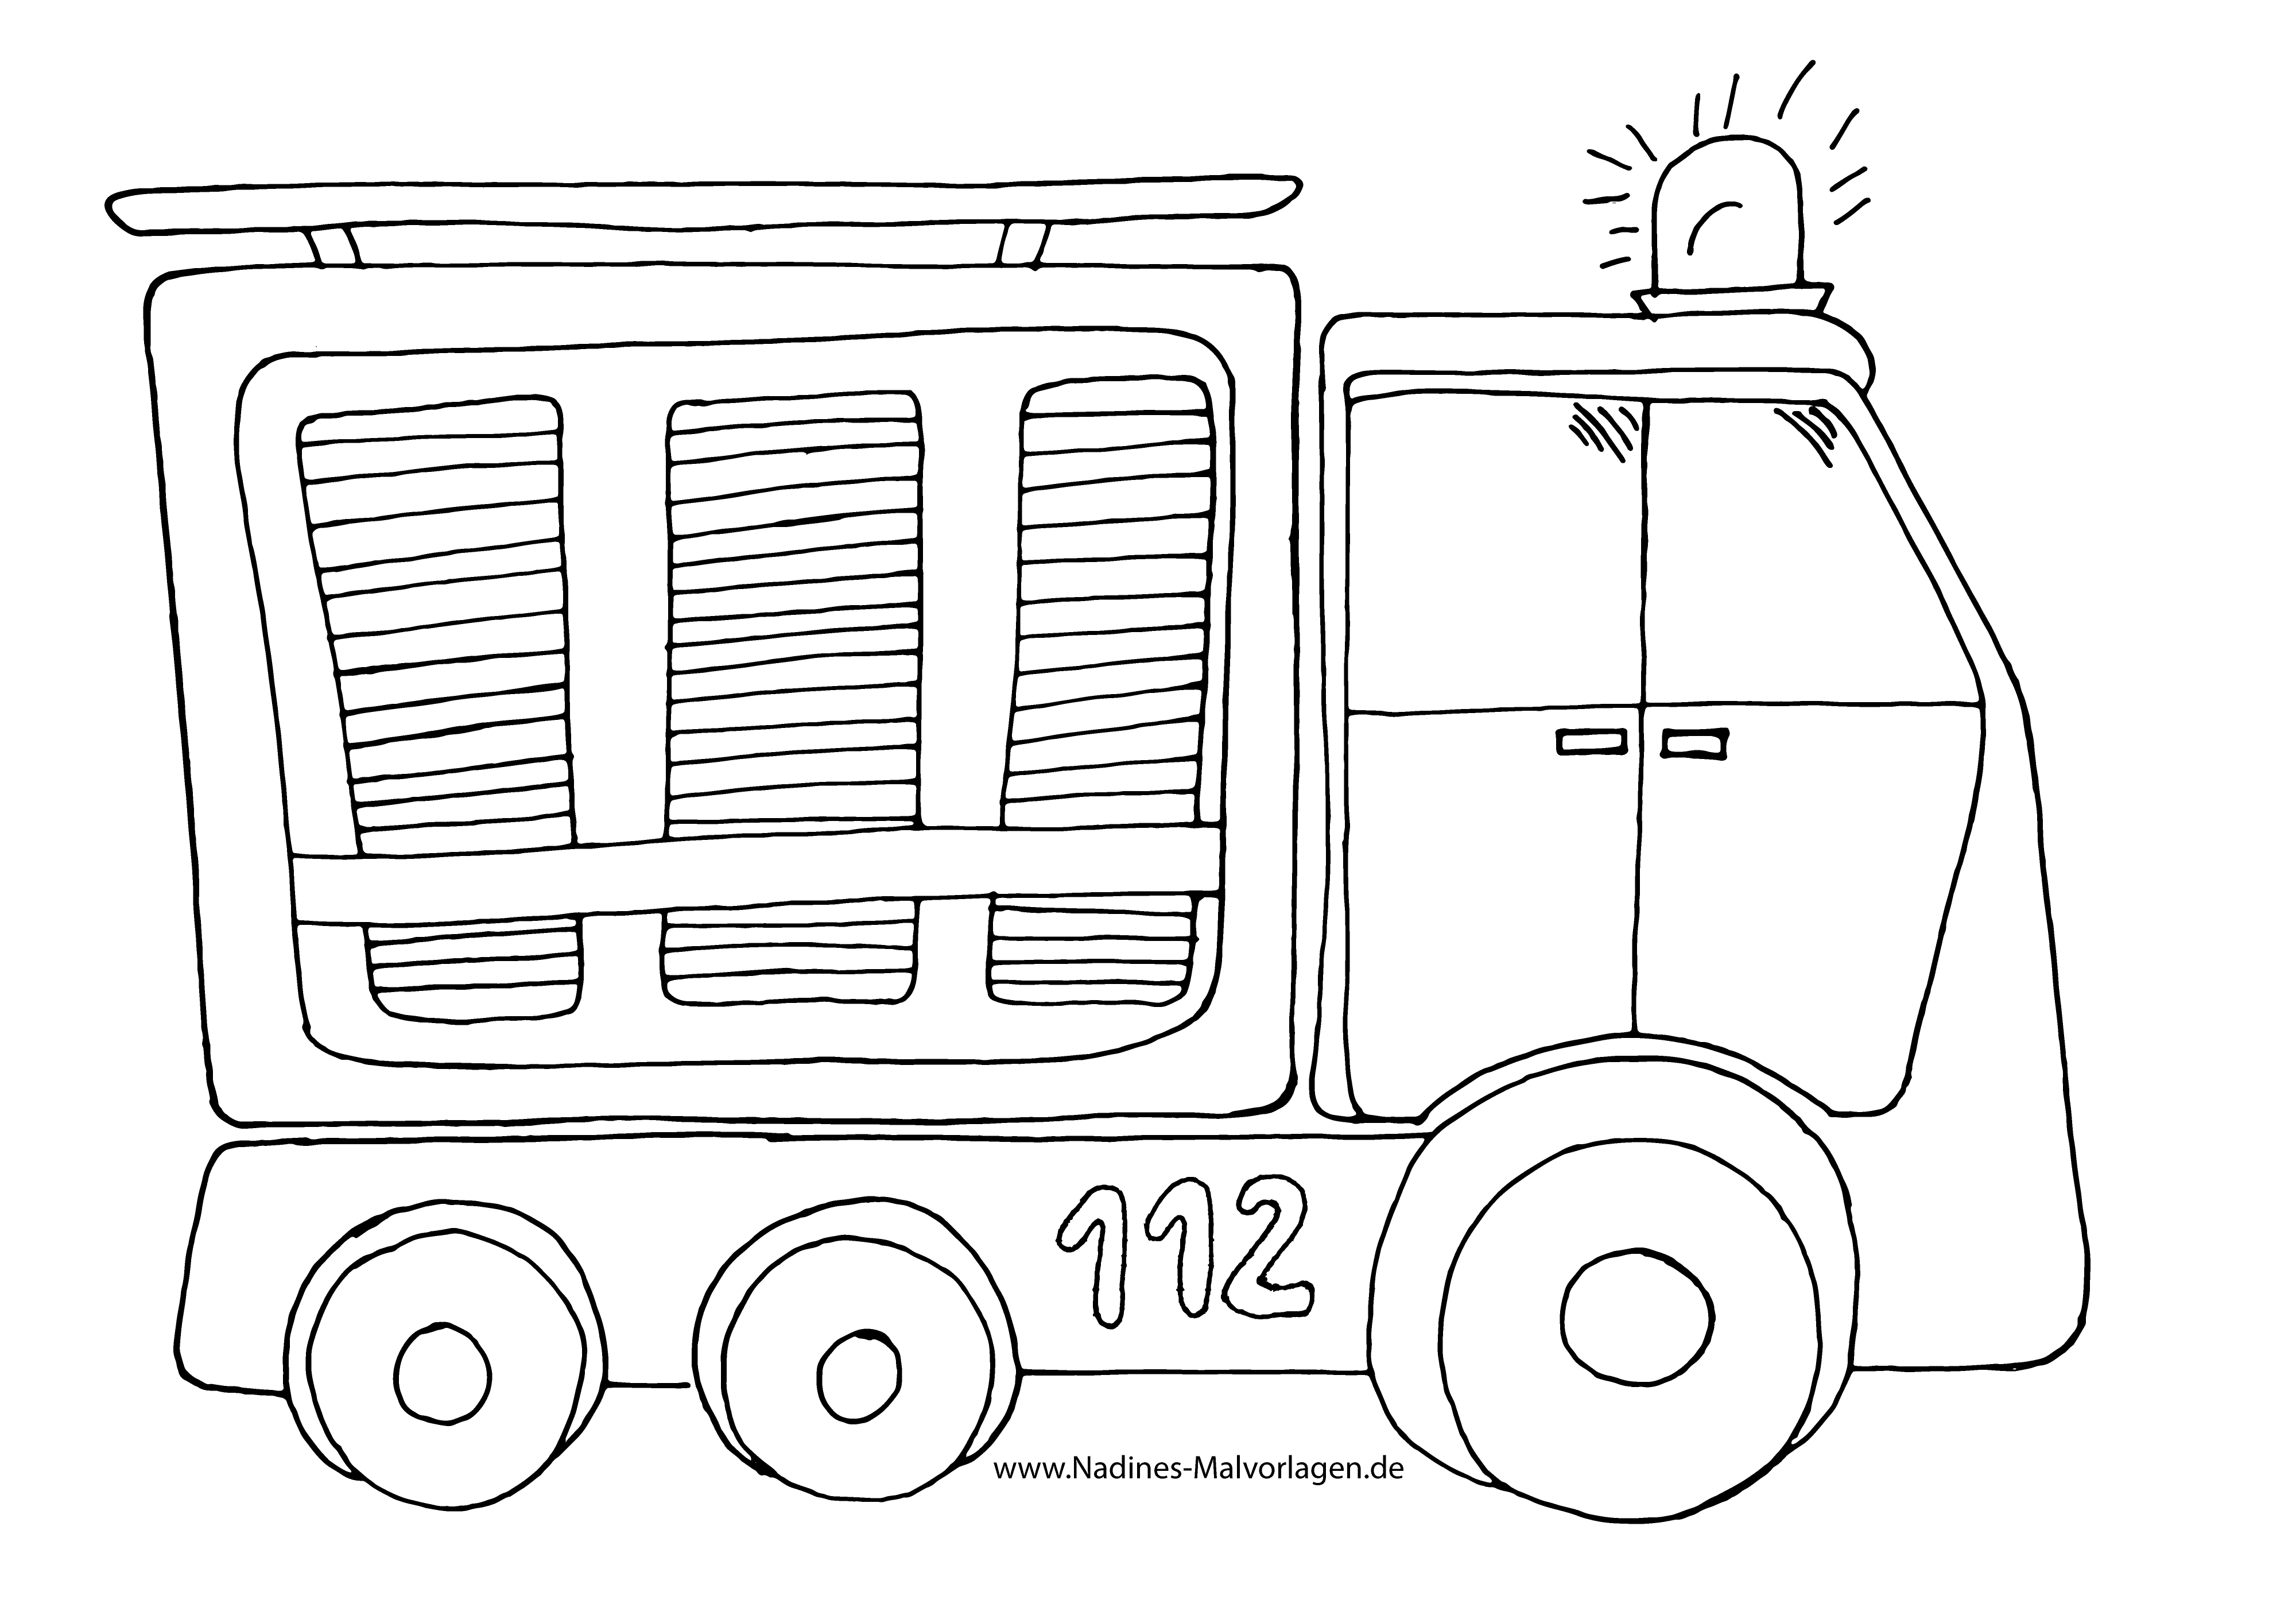 Feuerwehrauto mit Blaulicht - Nadines Ausmalbilder